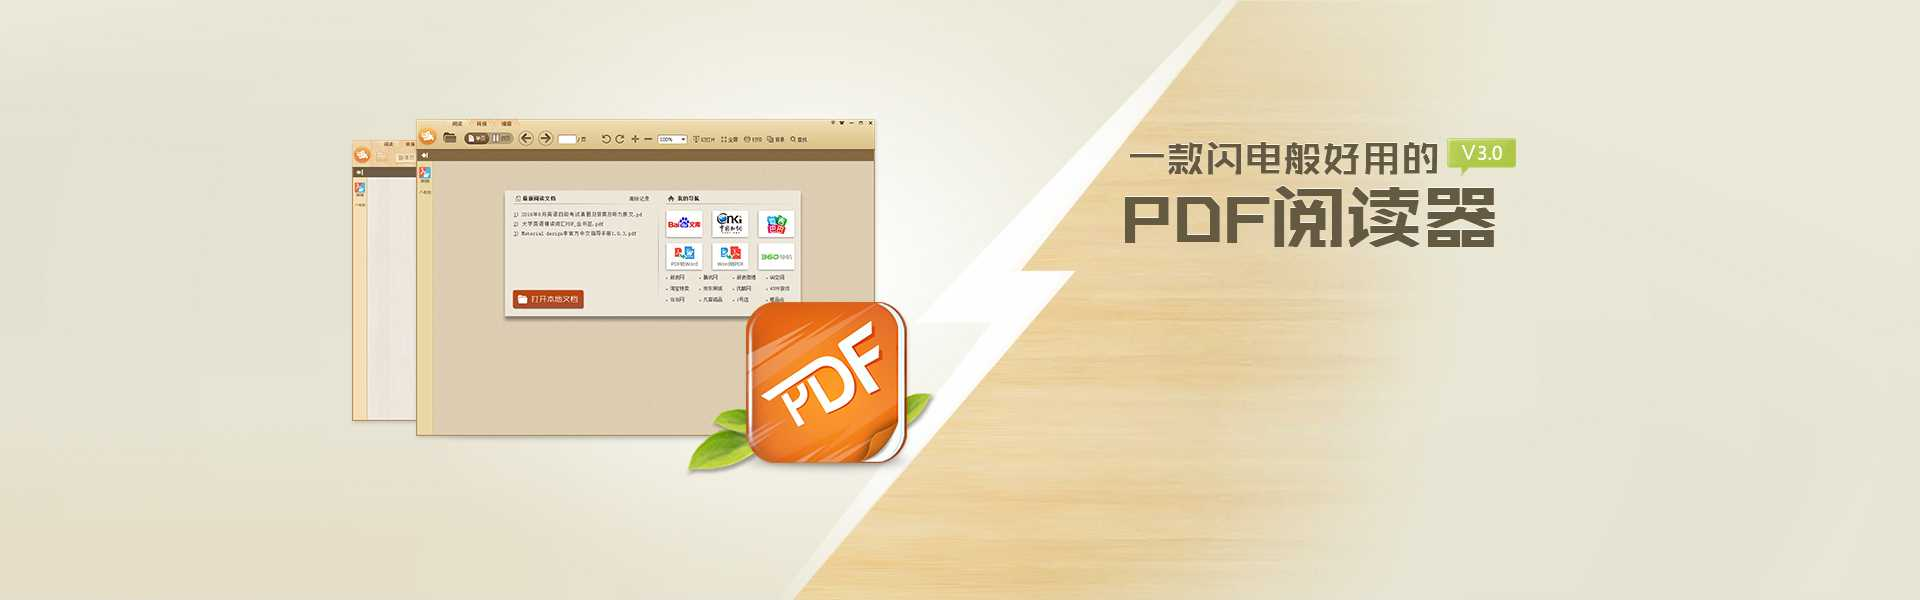 极速PDF阅读器 v3.0.0.1028 去广告版 极速